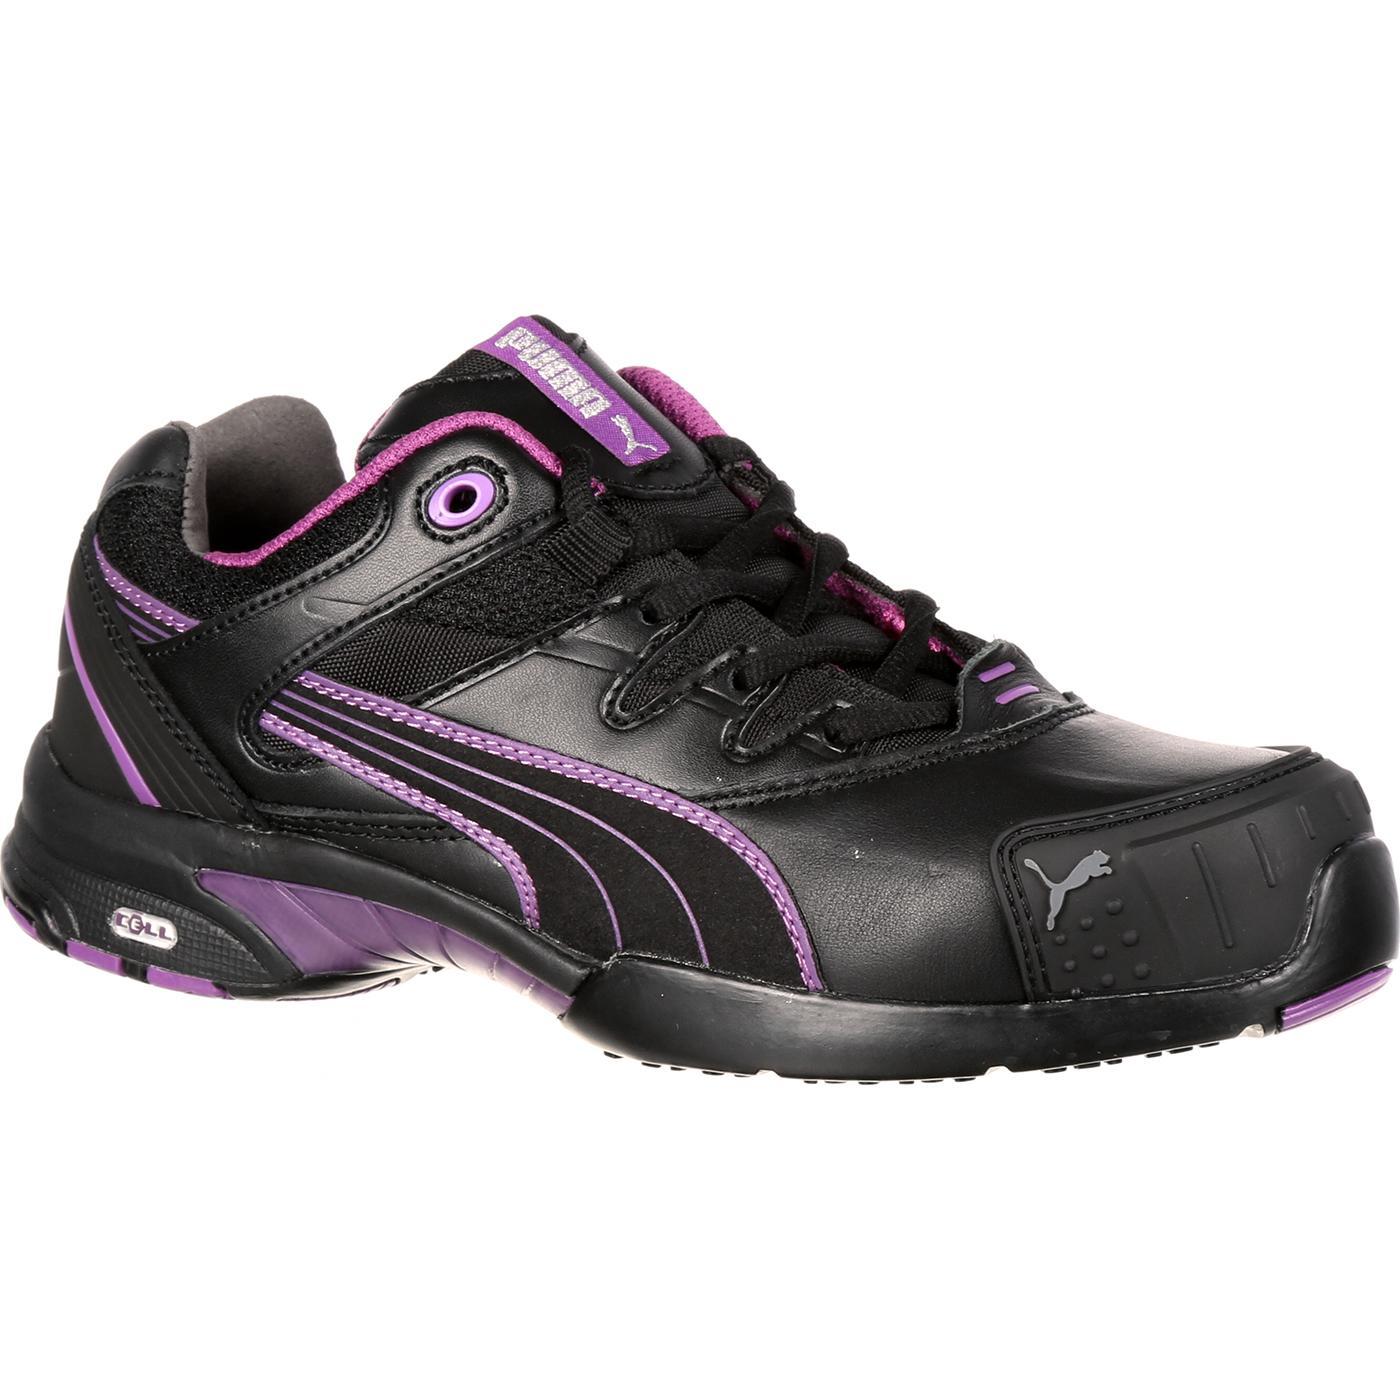 Rocky Steel Toe Tennis Shoes